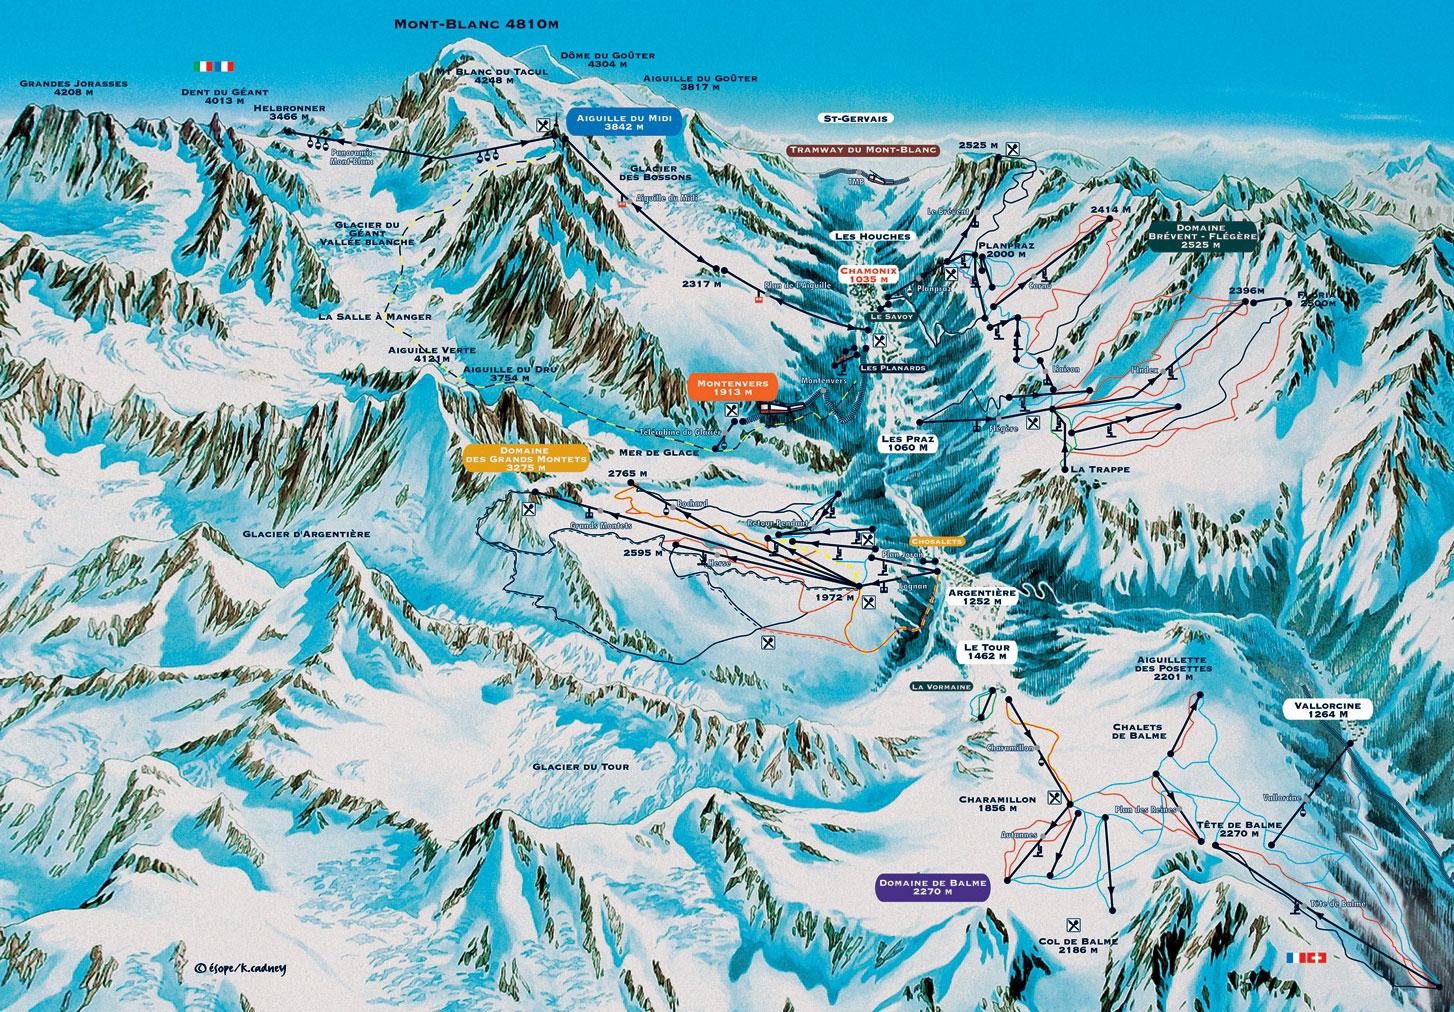 Chamonix Mont-Blanc plan des pistes